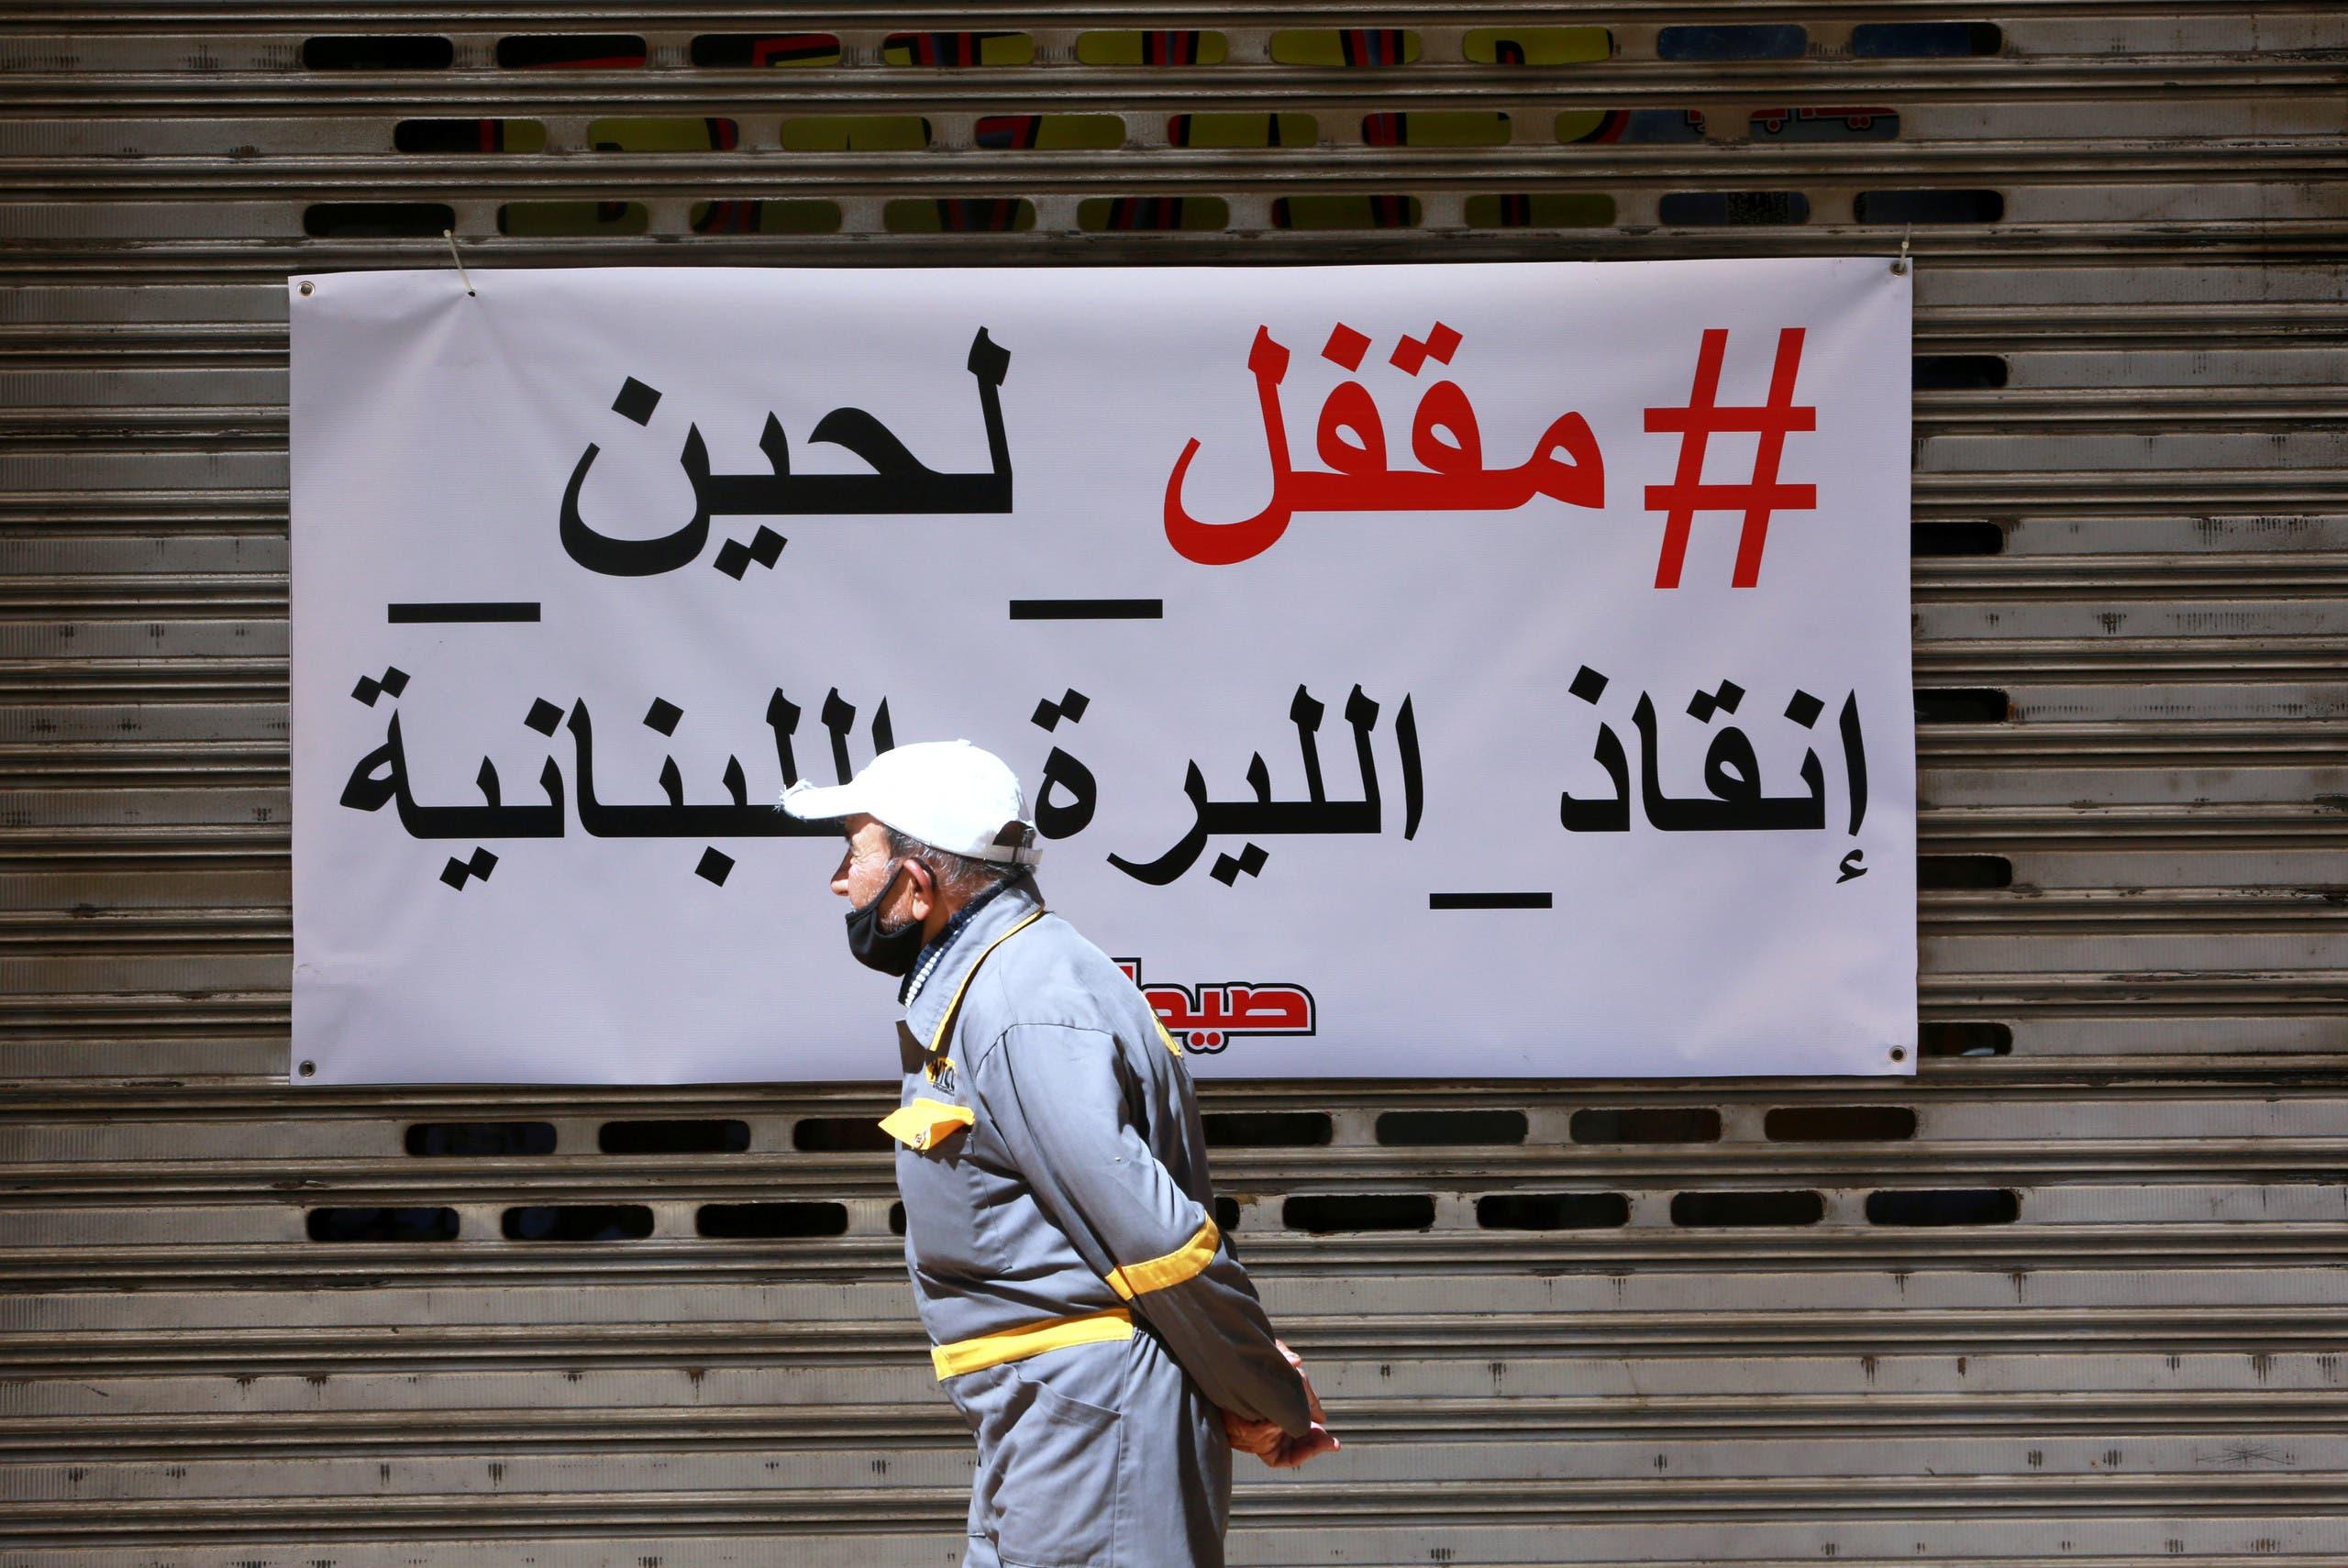 من مظاهر الاحتجاج على الوضع الاقتصادي المتردي في لبنان